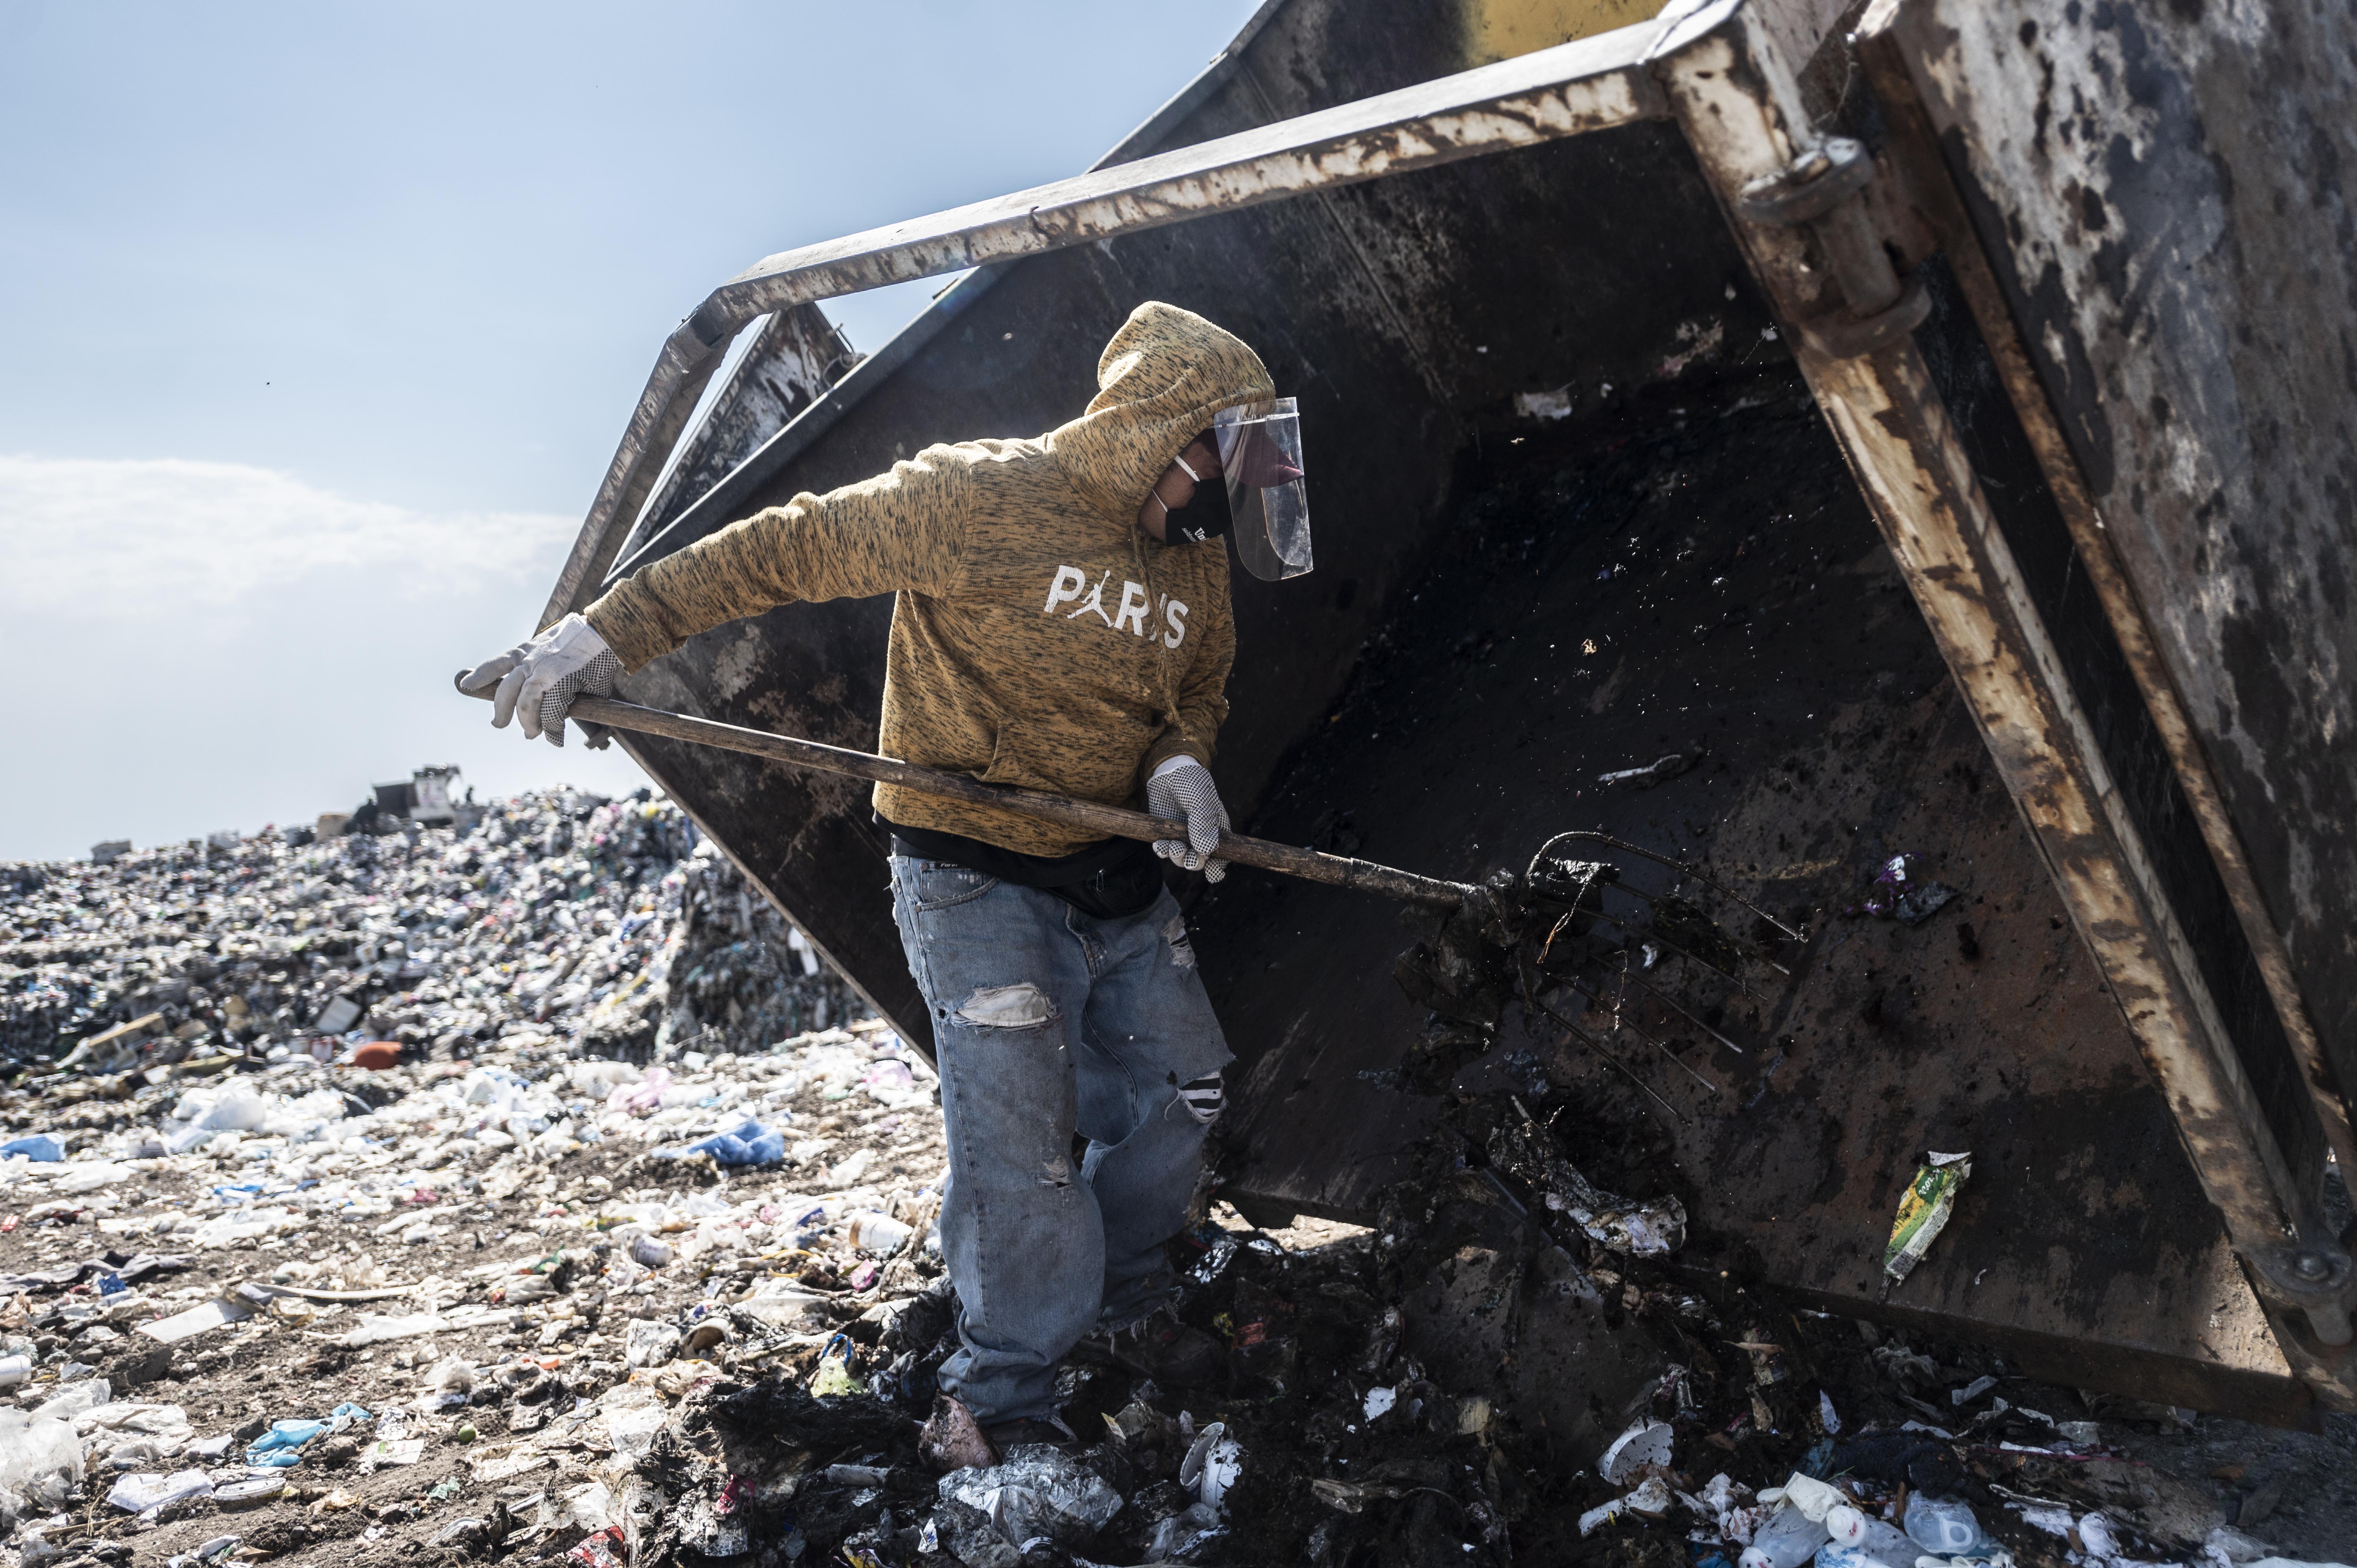 Un recolector de basura descarga desechos médicos en el basurero